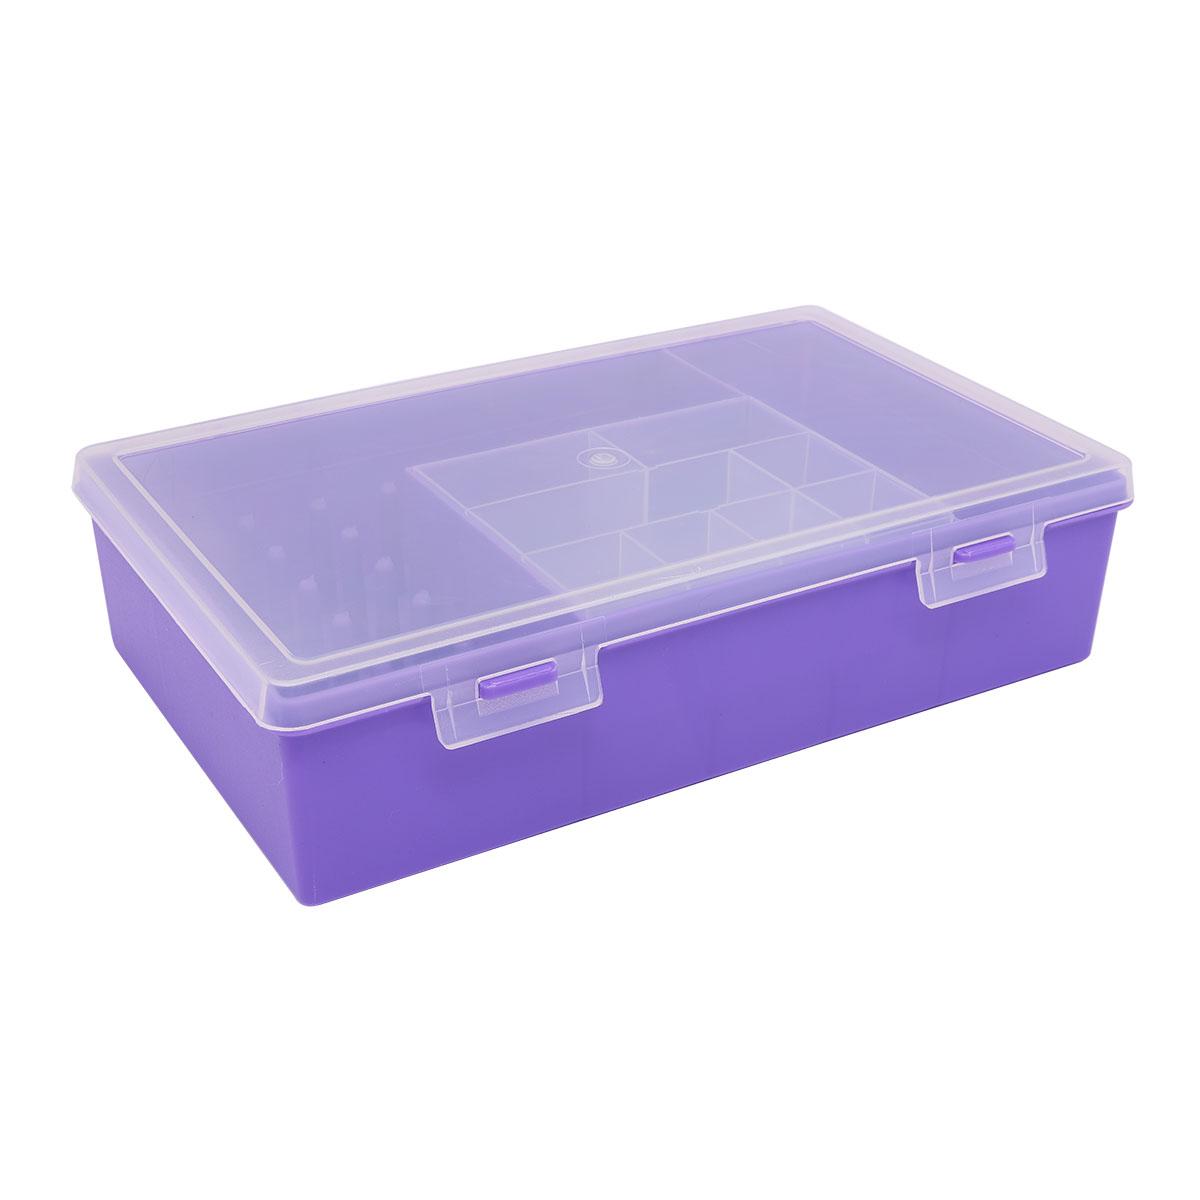 2868-4 ОРГАНАЙЗЕР для швейных принадлежностей фиолетовый